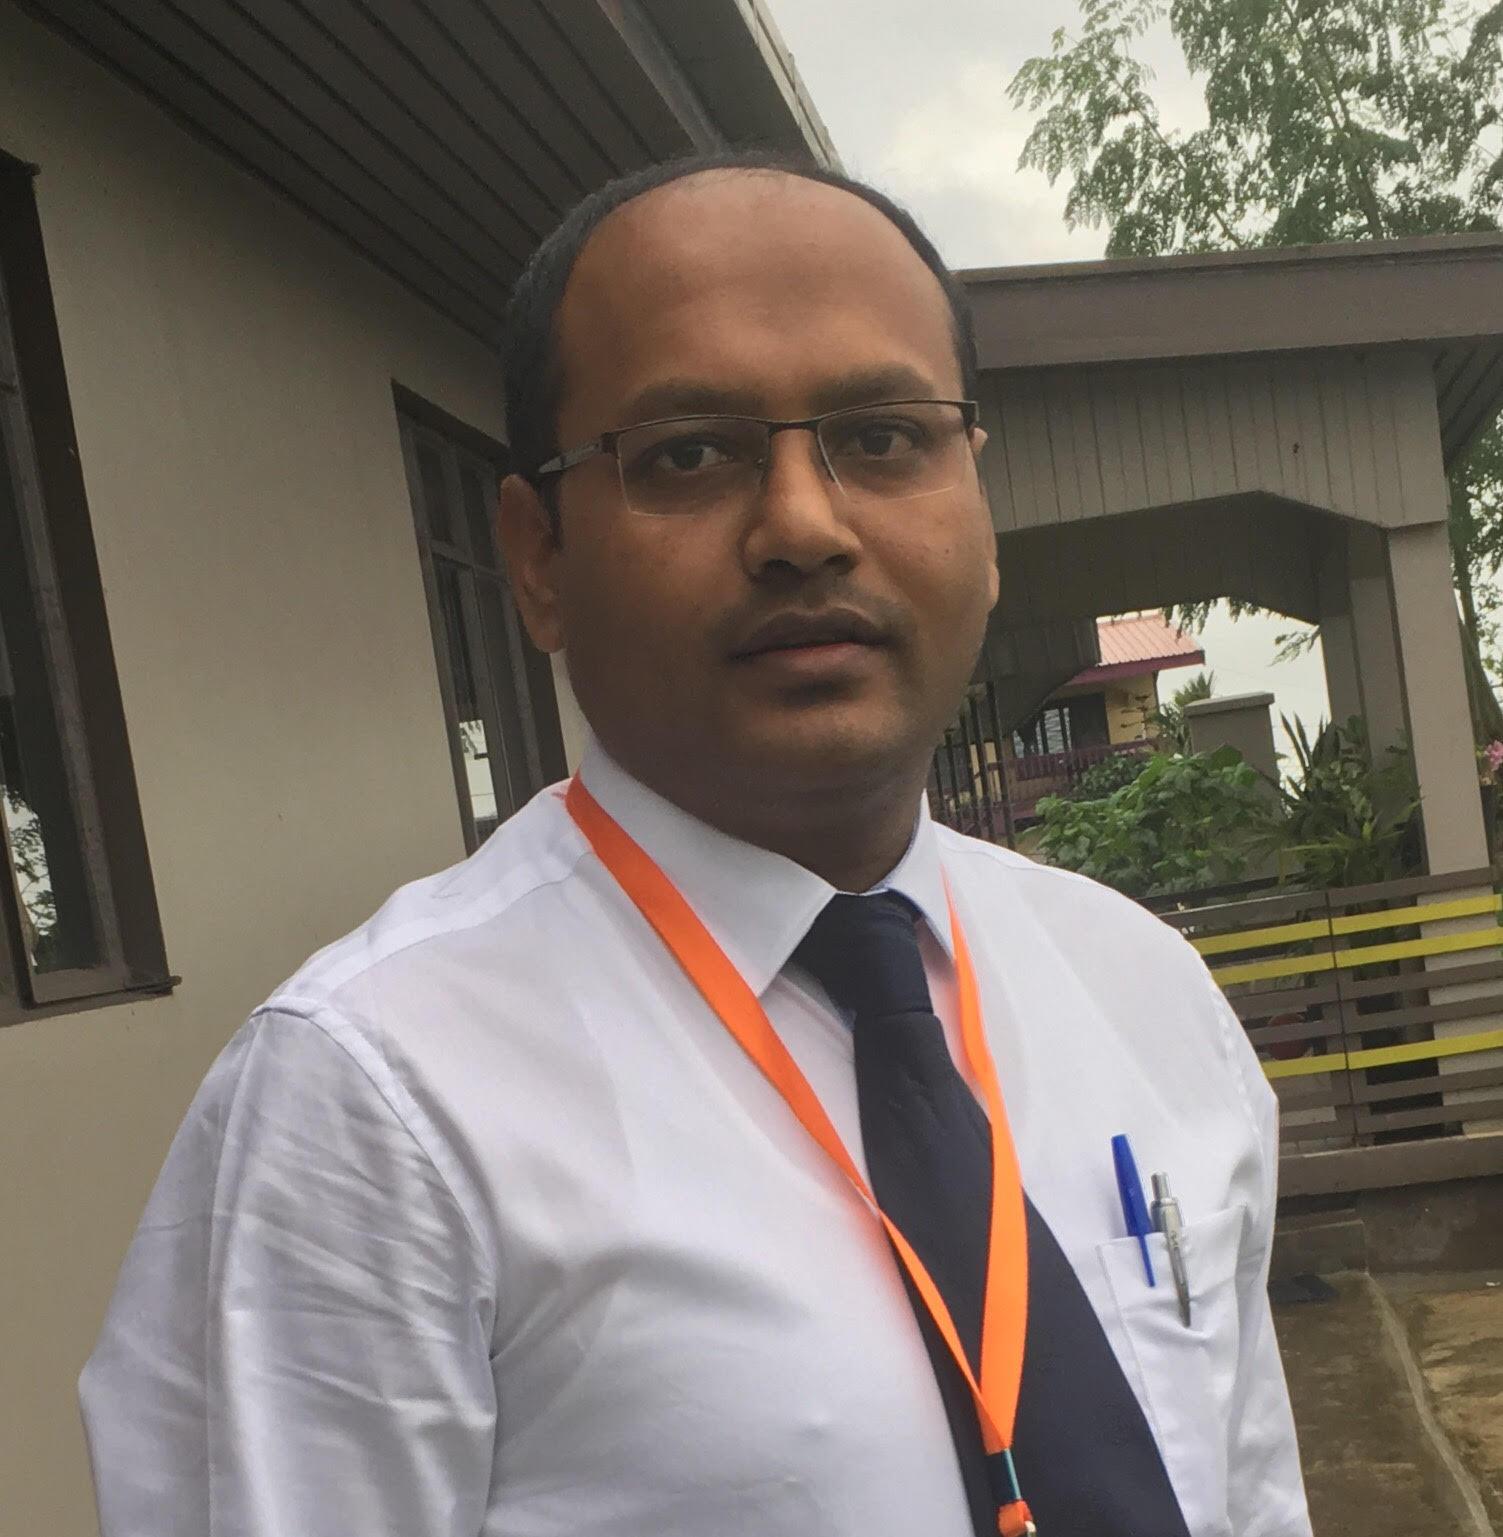 Ramwant Gupta